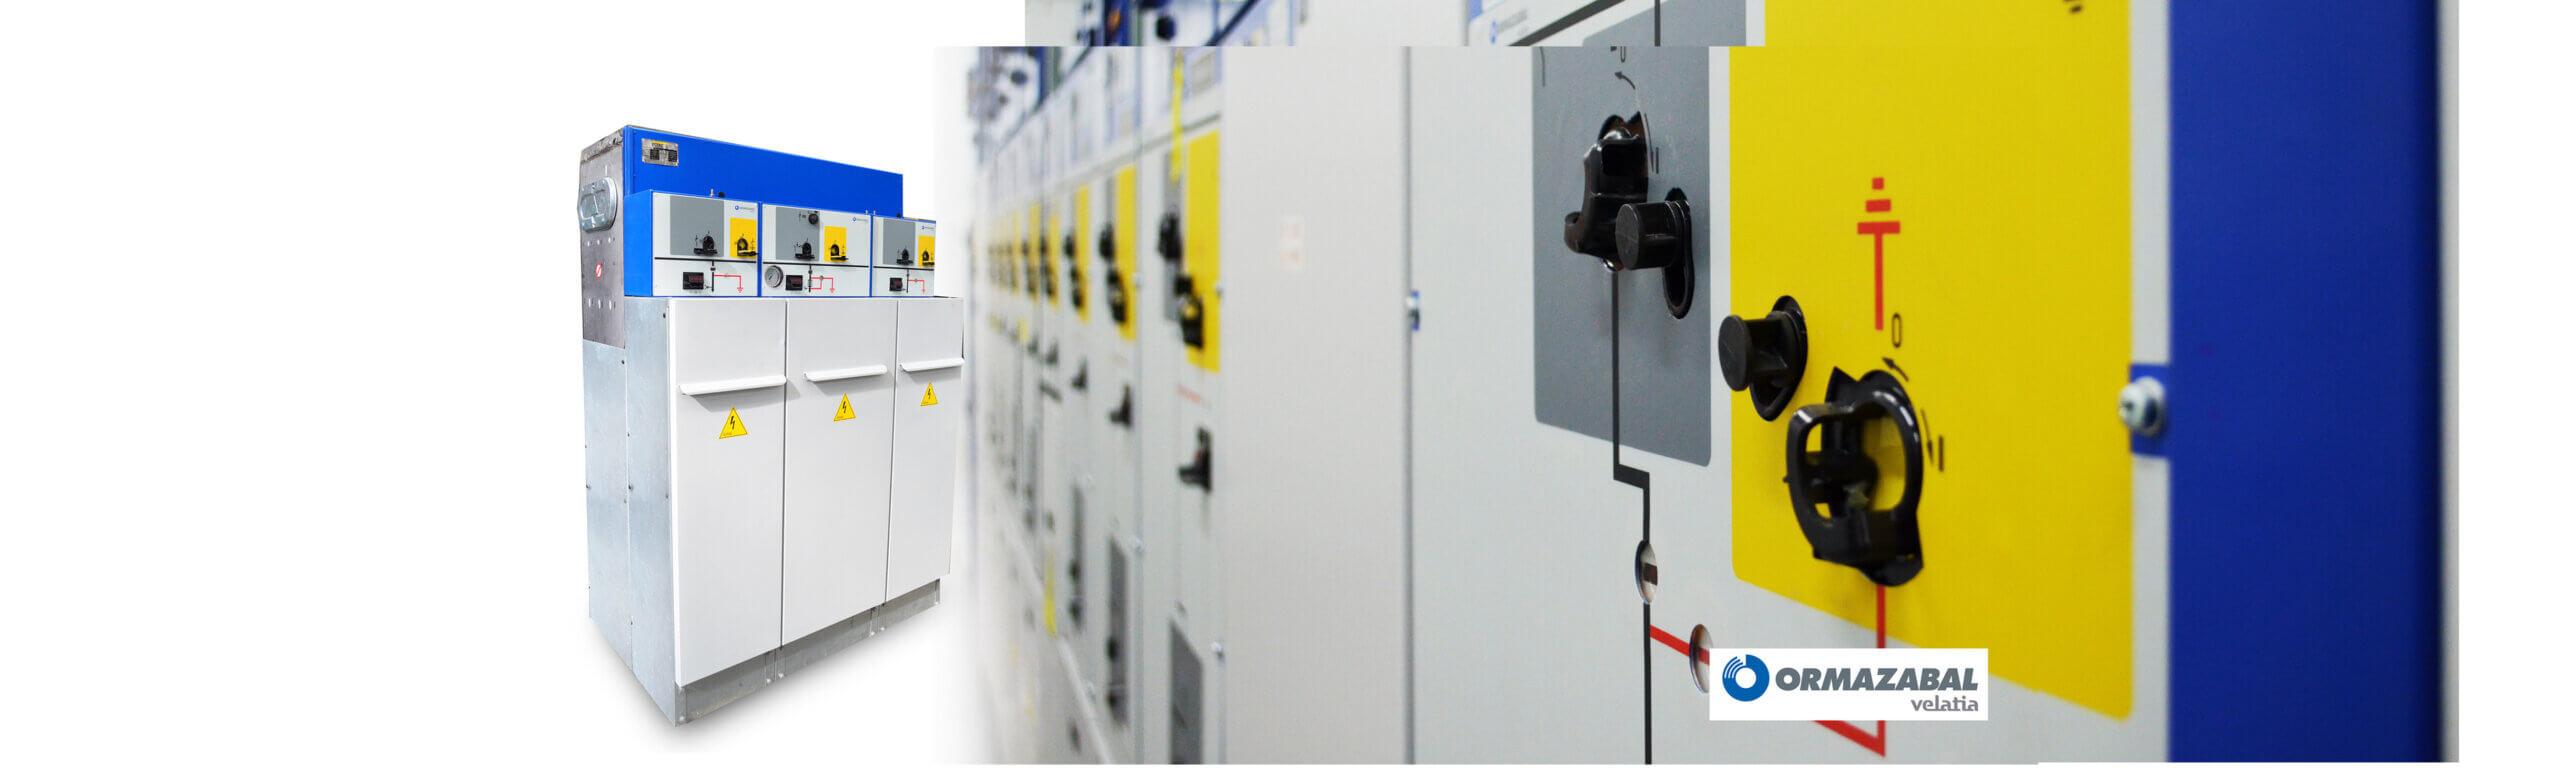 TECNOLOGÍA GIS, LA IMPORTANCIA DEL GAS SF6 Y SU EFICIENCIA ENERGÉTICA EN CELDAS DE DISTRIBUCIÓN EN MEDIA TENSIÓN